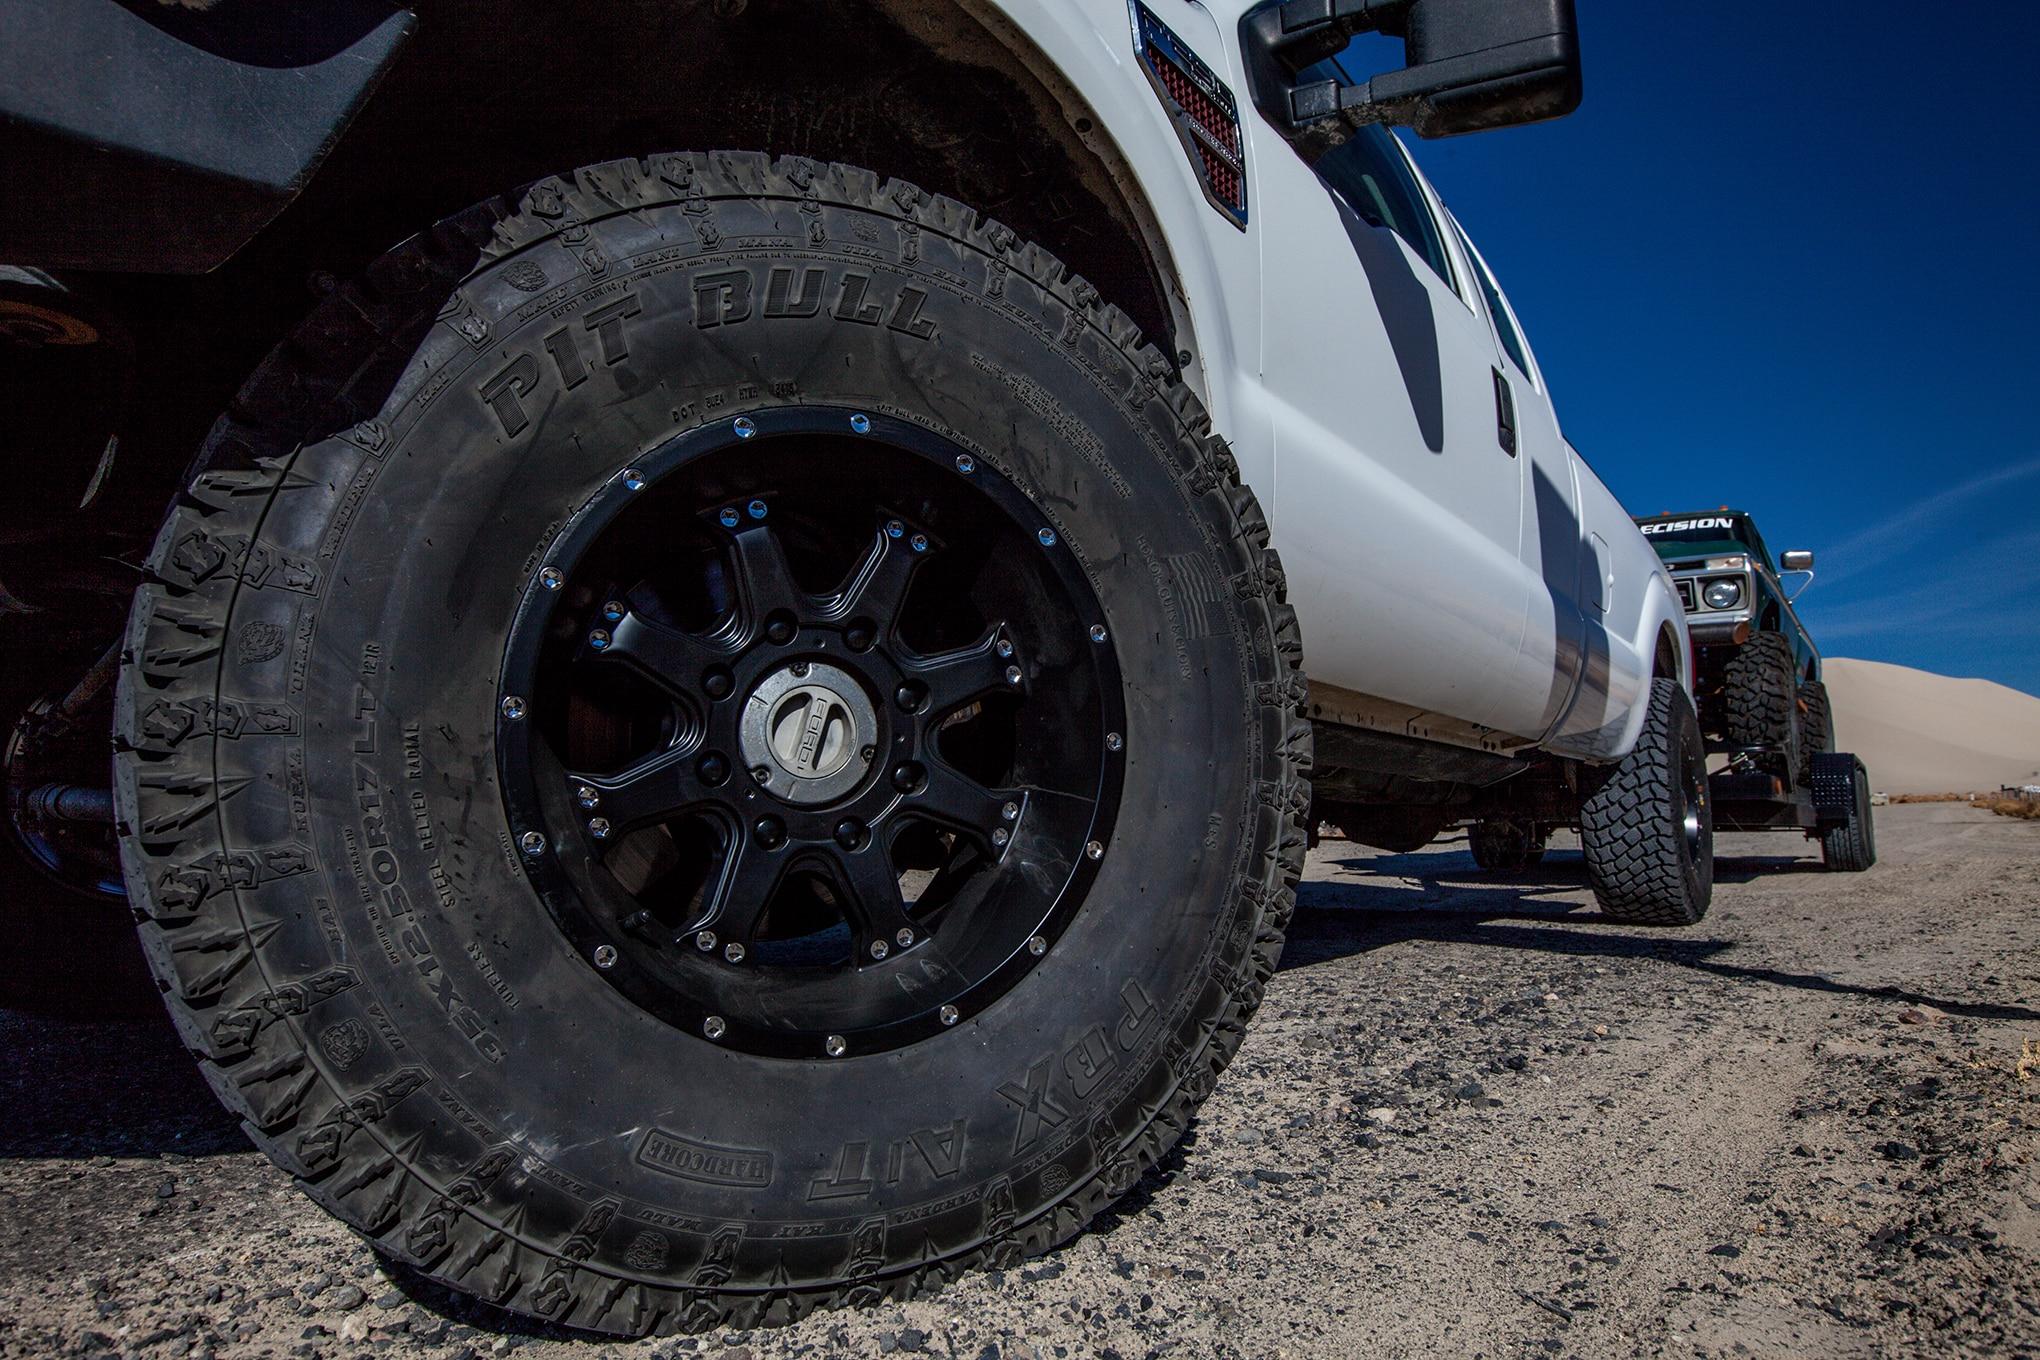 006 pit bull pbx tire